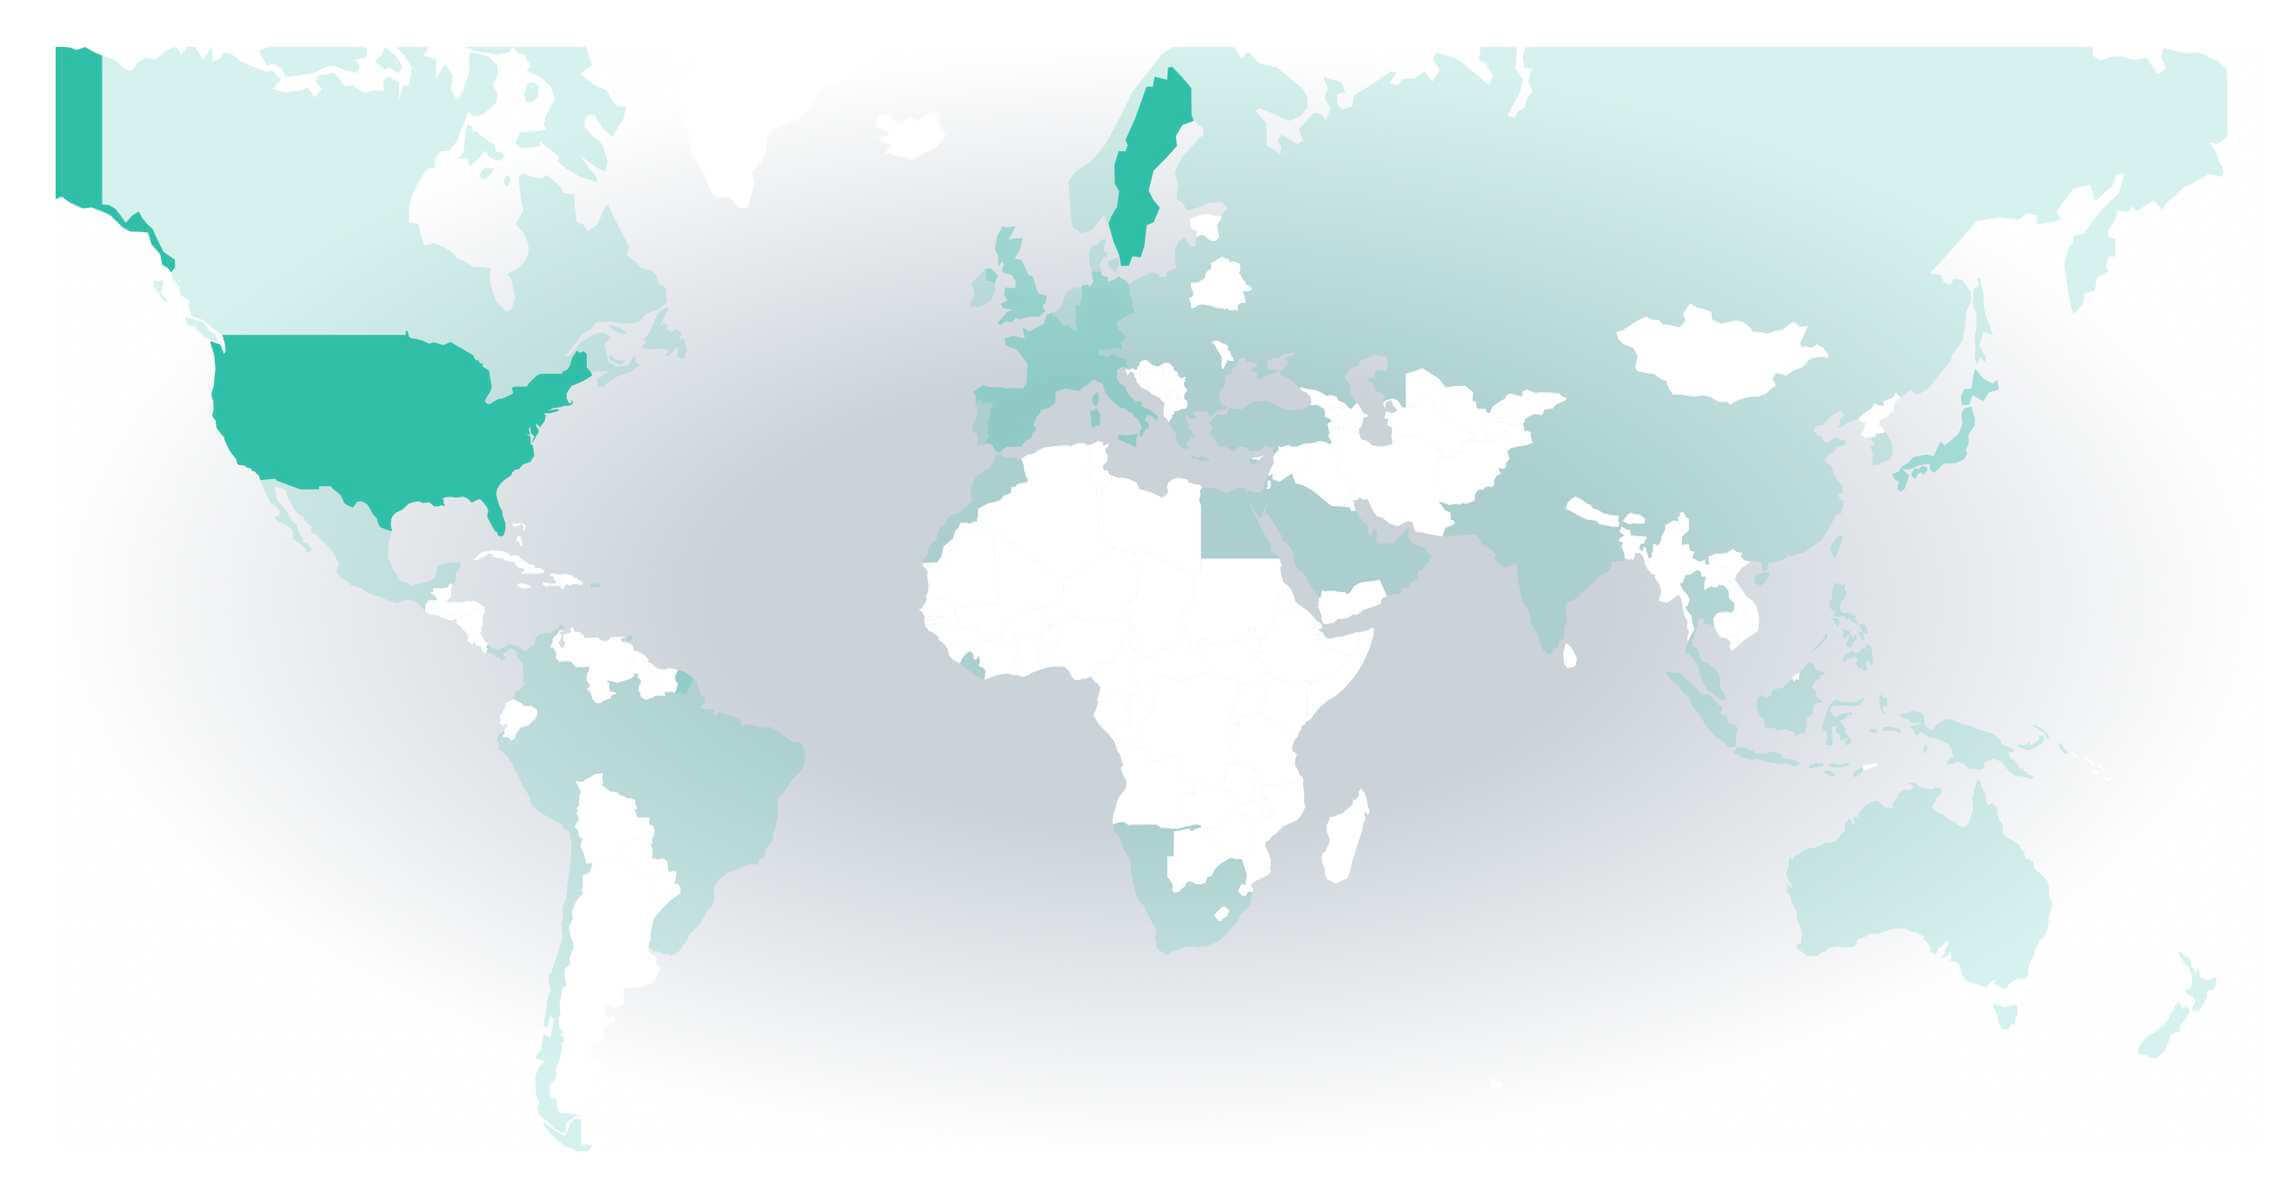 Lysa fondrobot geografisk fördelning